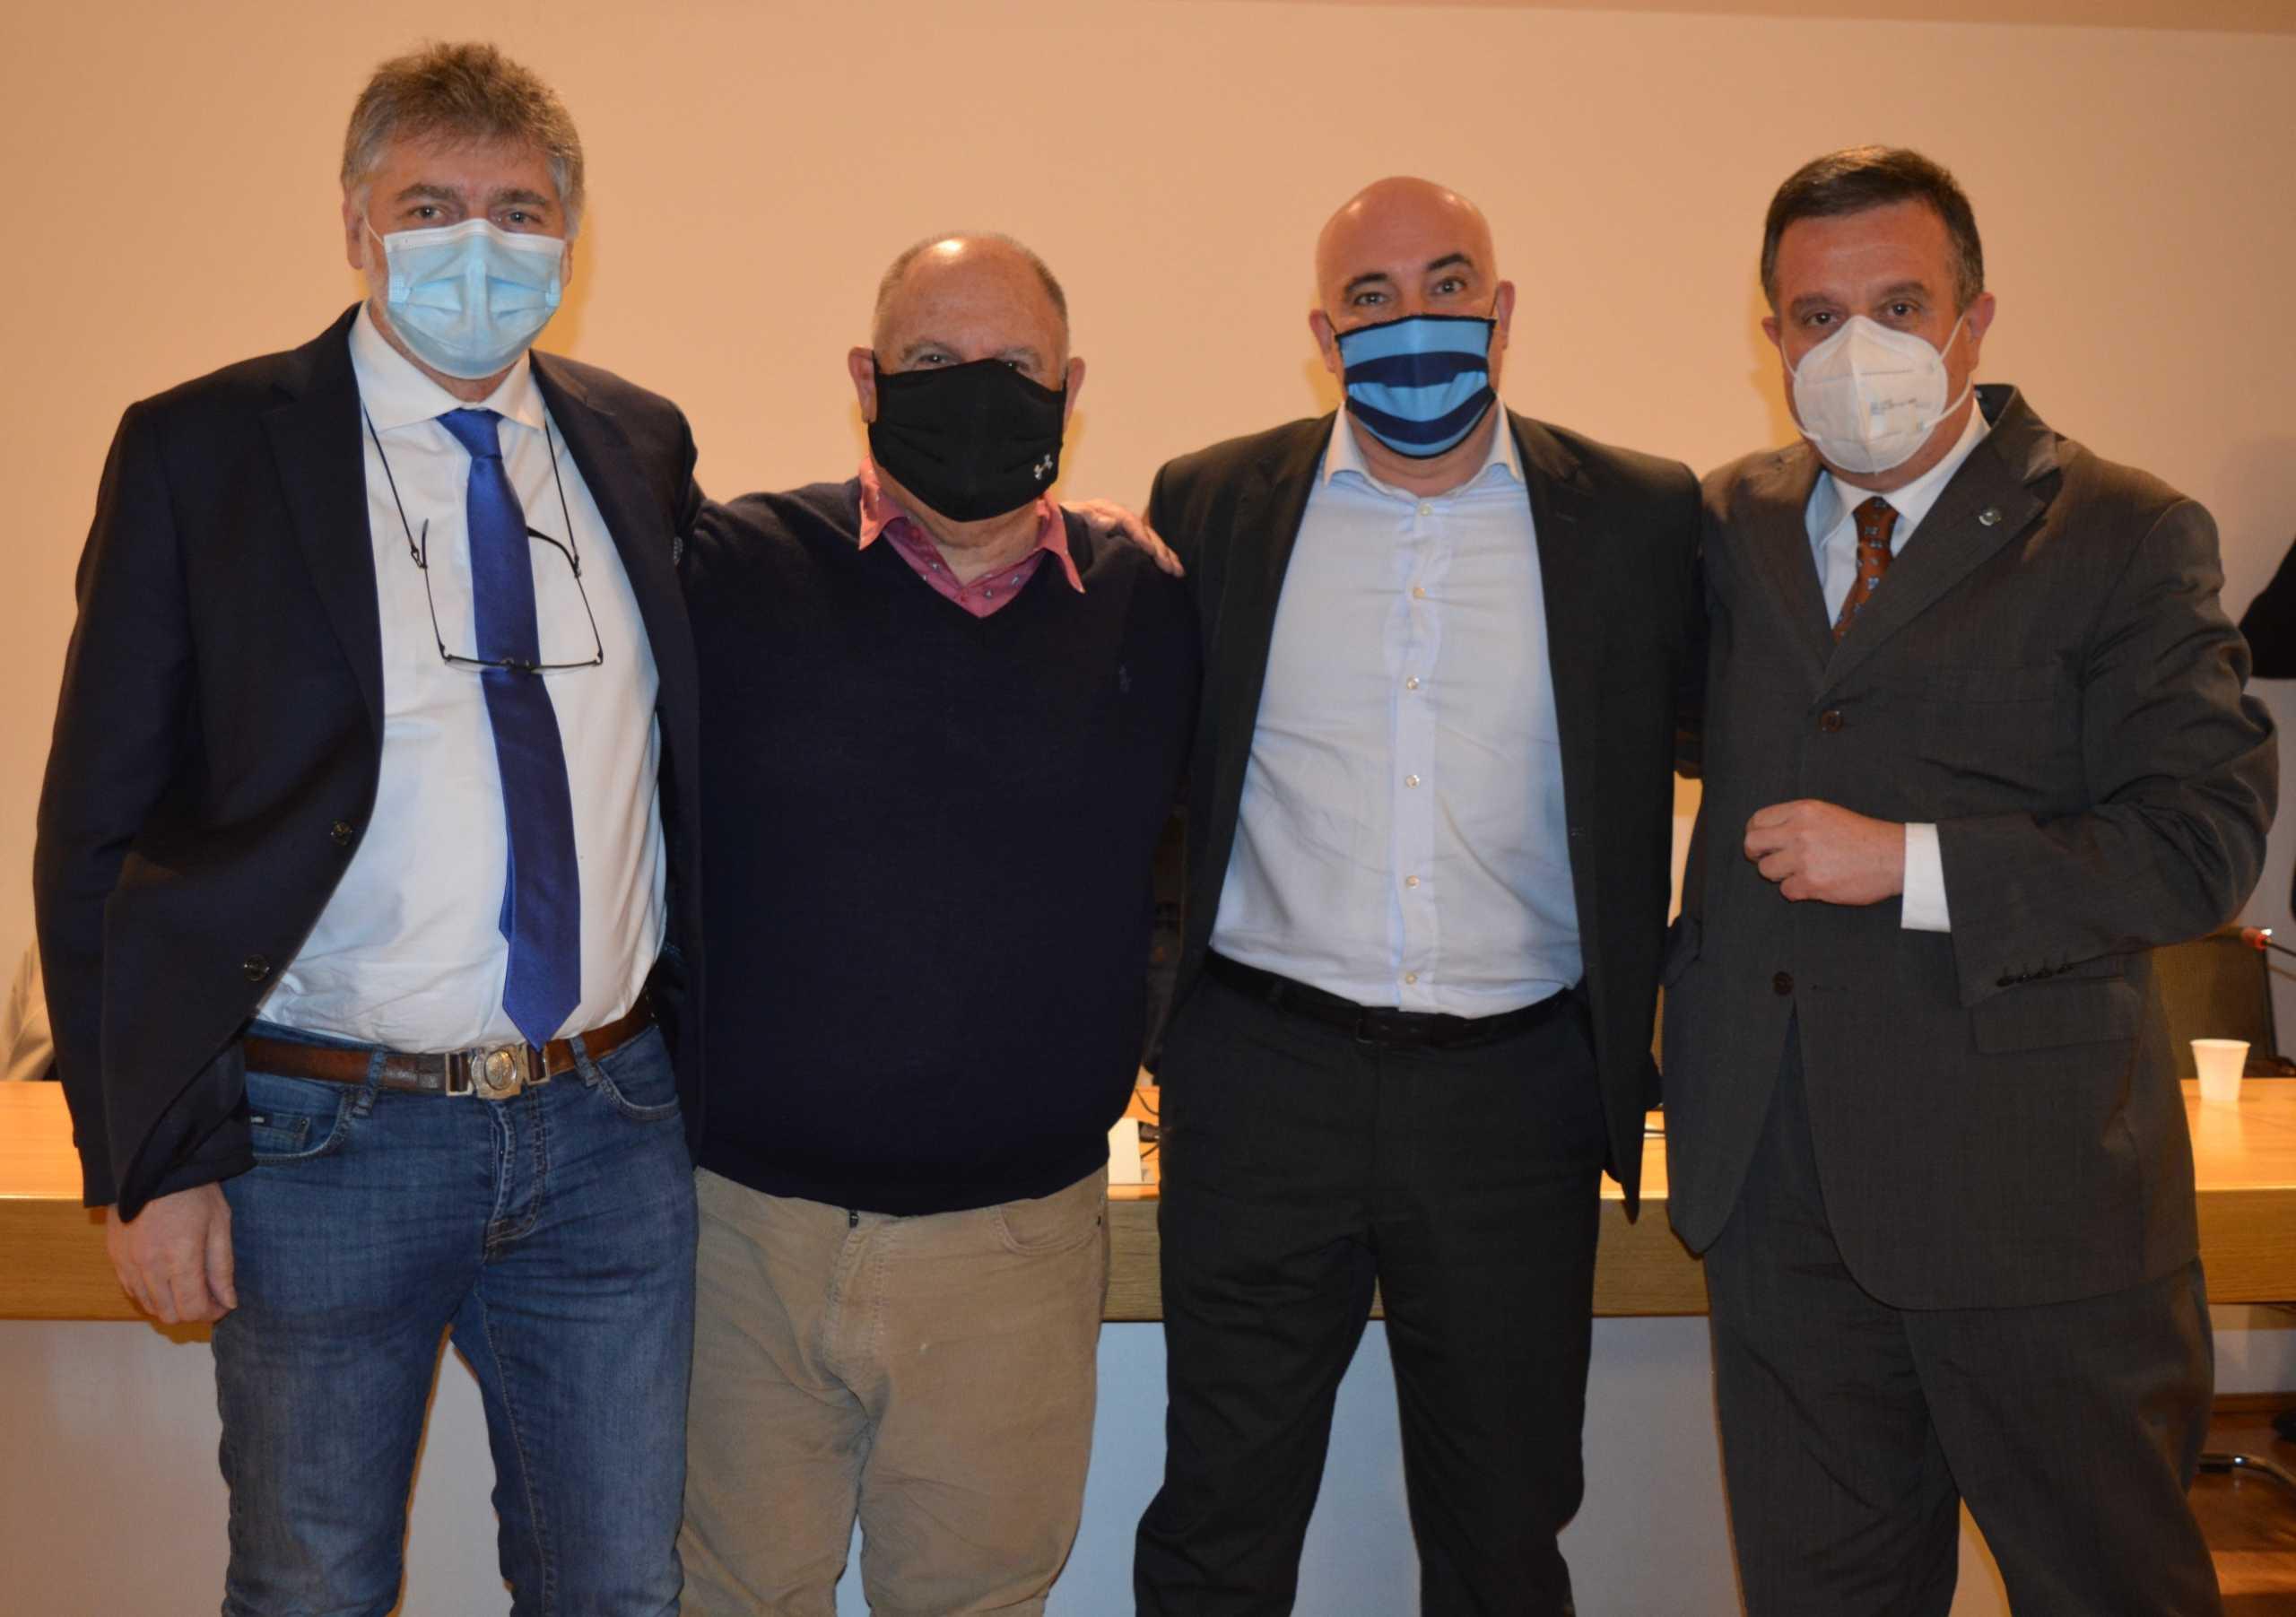 Il presidente Peccati con i tre vicepresidenti